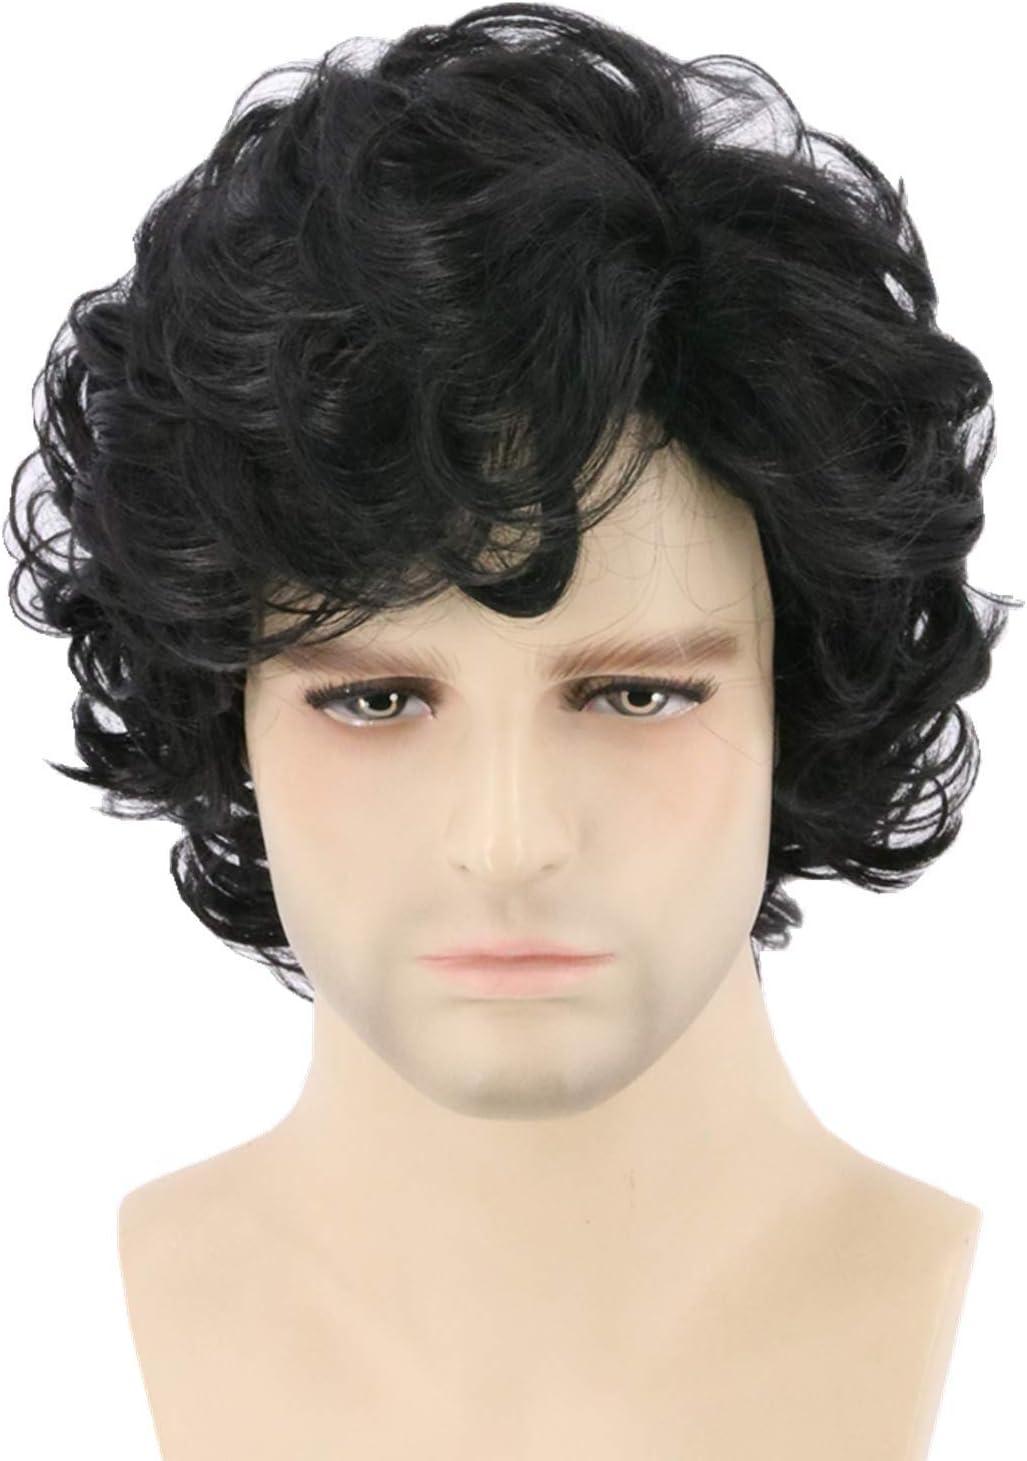 per cosplay e Halloween Topcosplay Parrucca da uomo con capelli corti e ricci